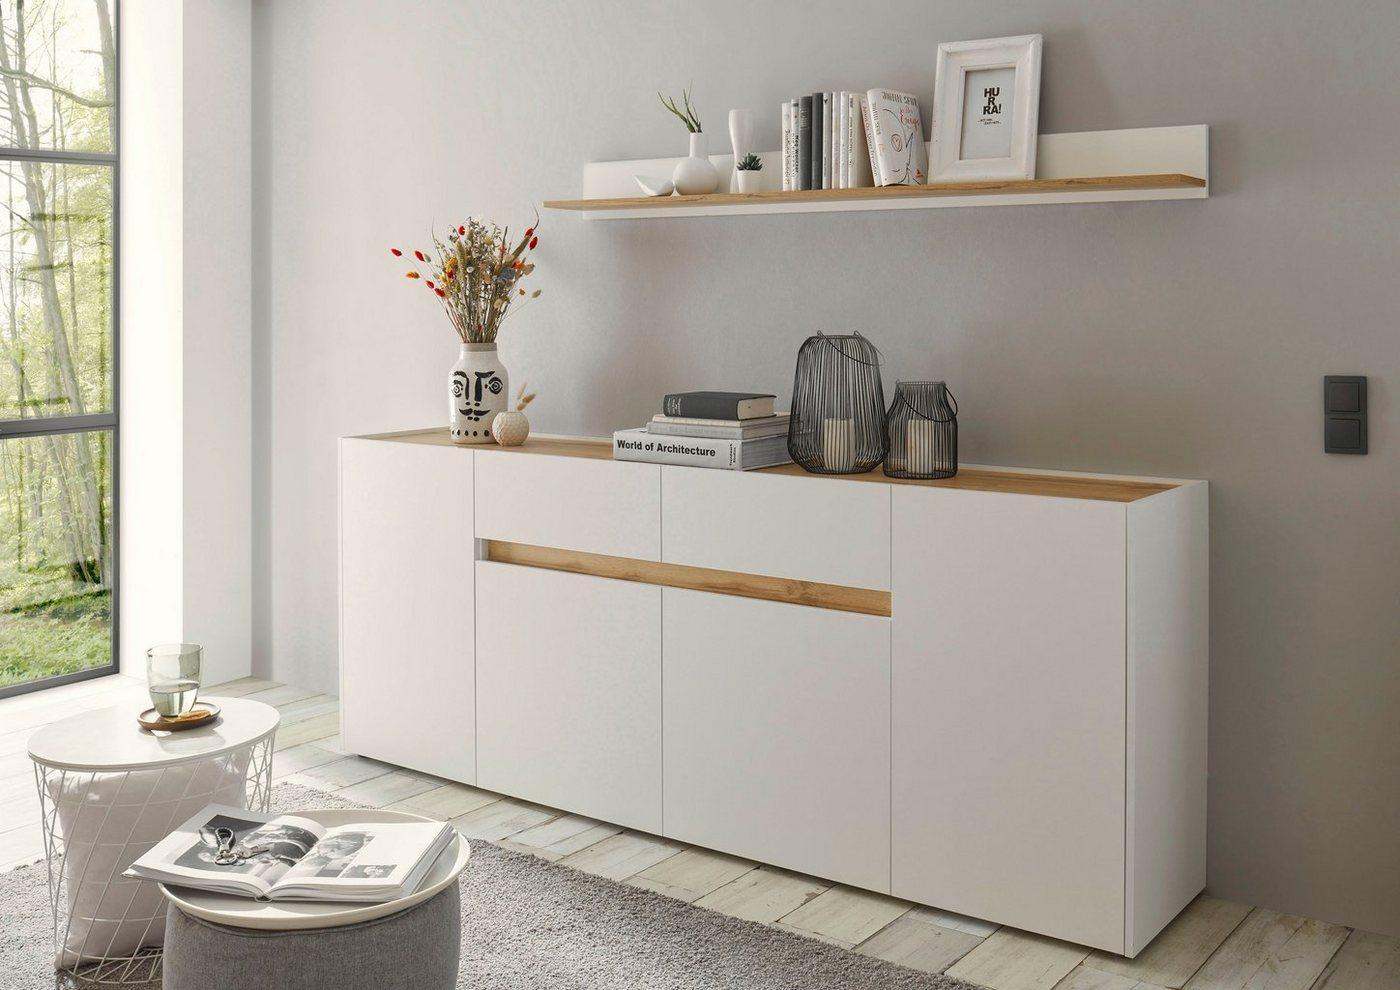 INOSIGN Sideboard »CiTY Sideboard 52«, im modernen Design, weiß